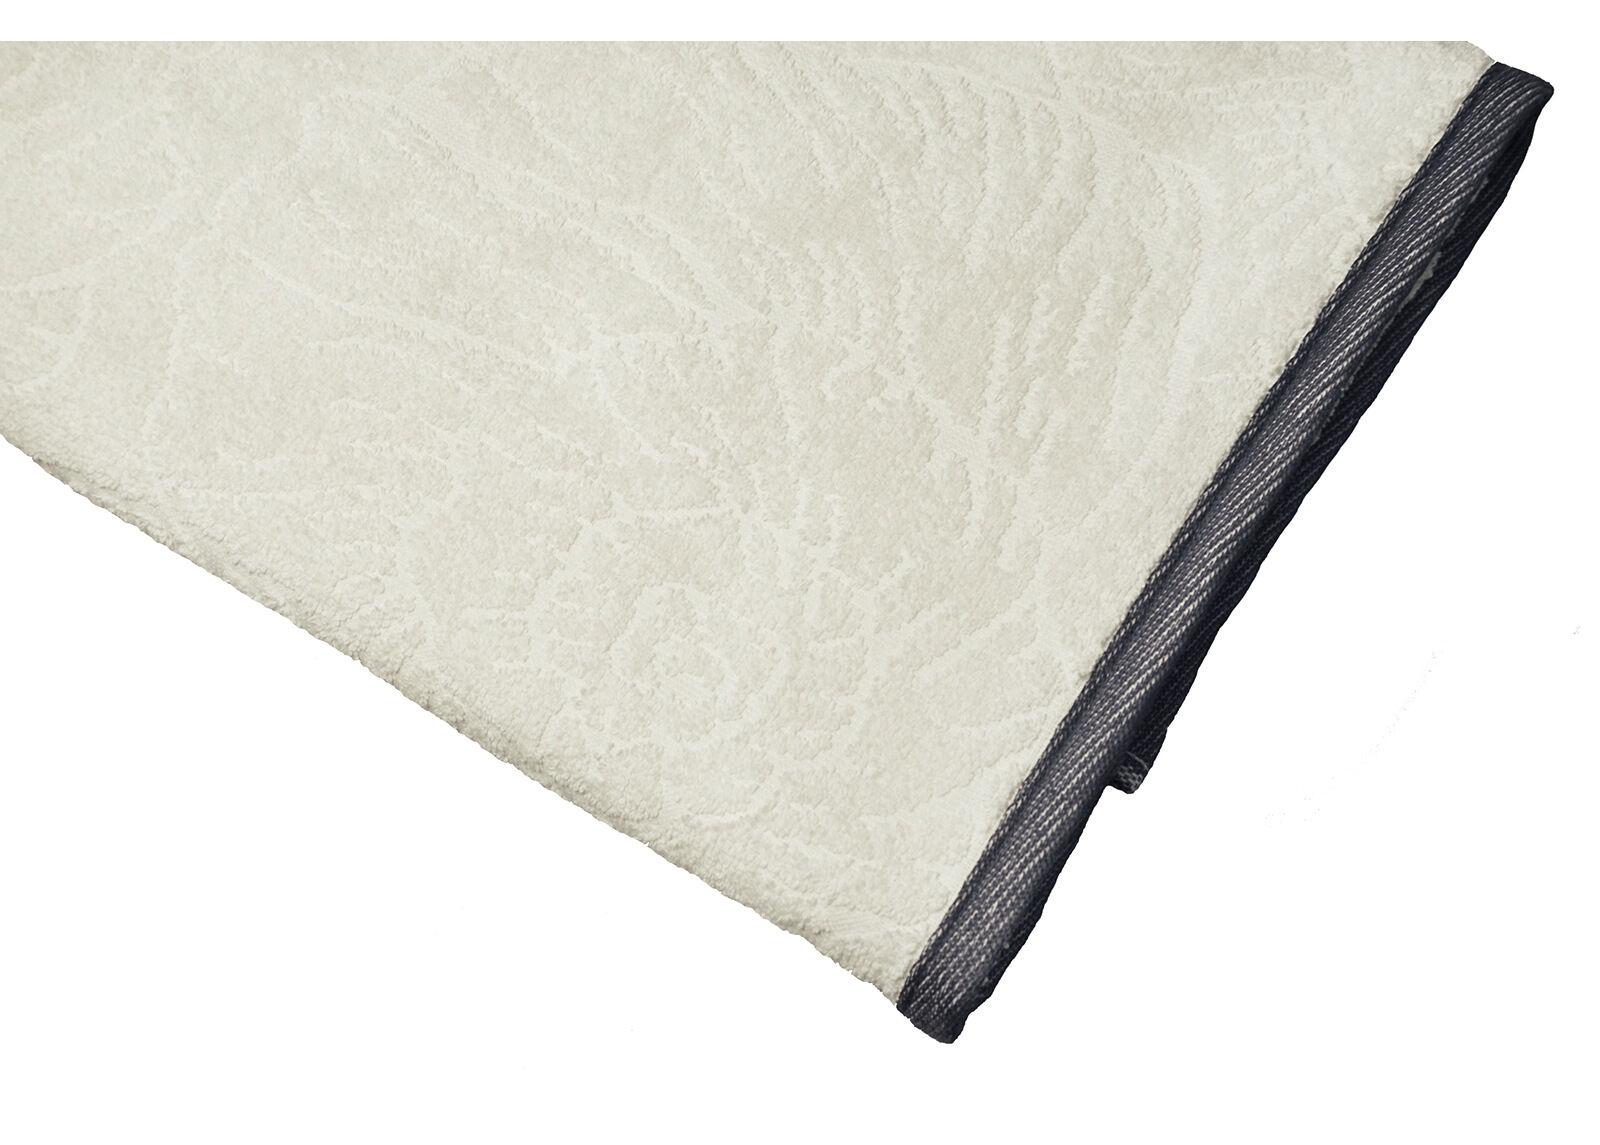 ARDENZA Froteepyyhkeet Seashell 2 kpl, valkoinen